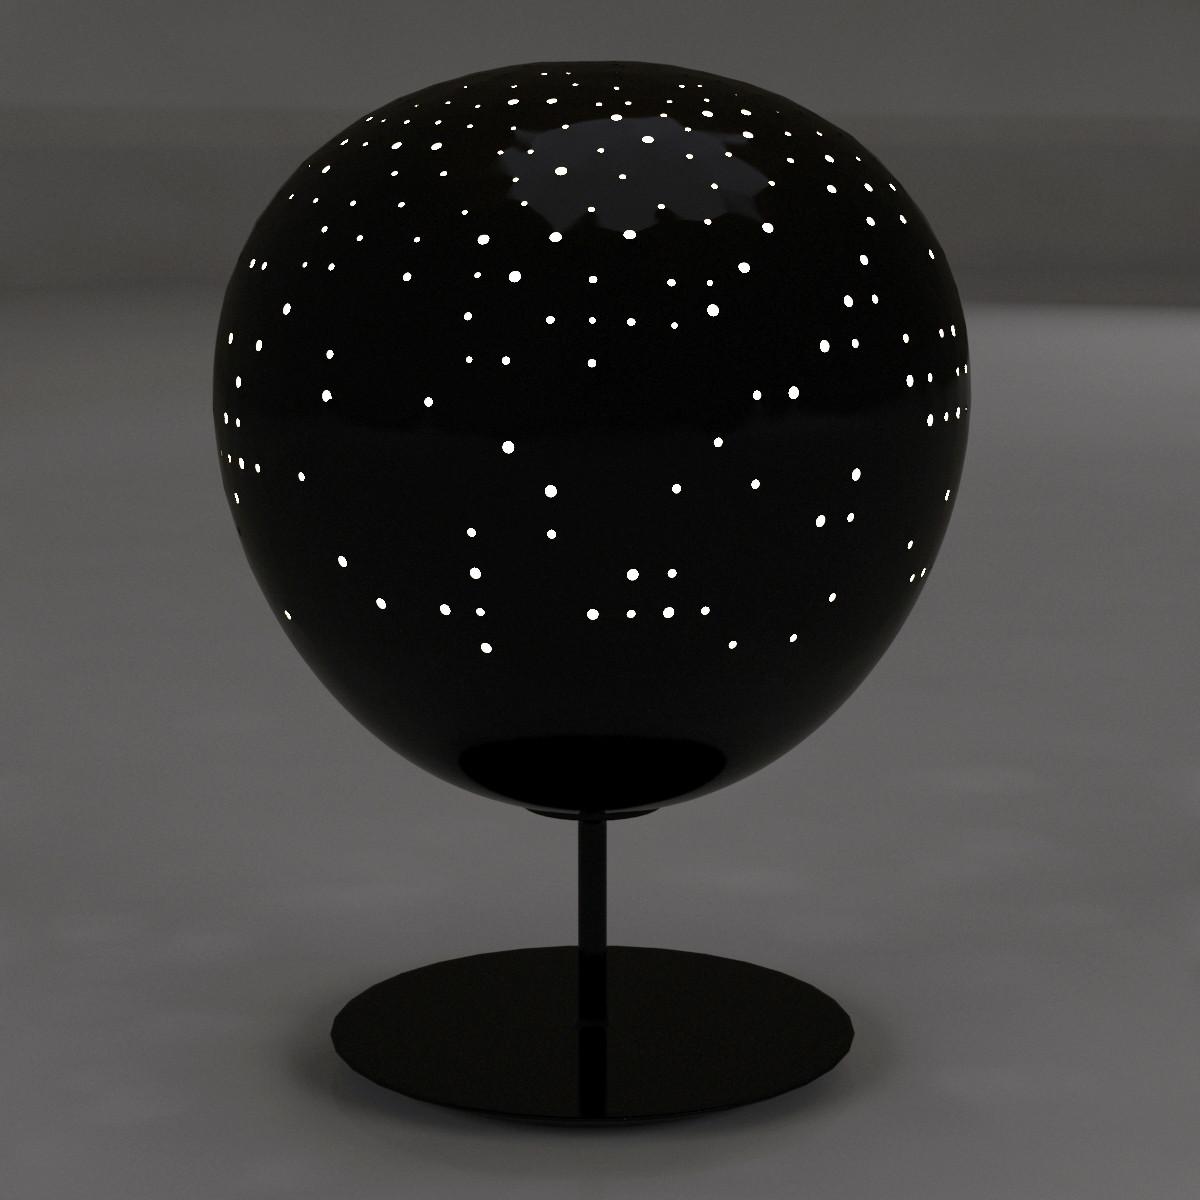 sphere lamp3.jpg